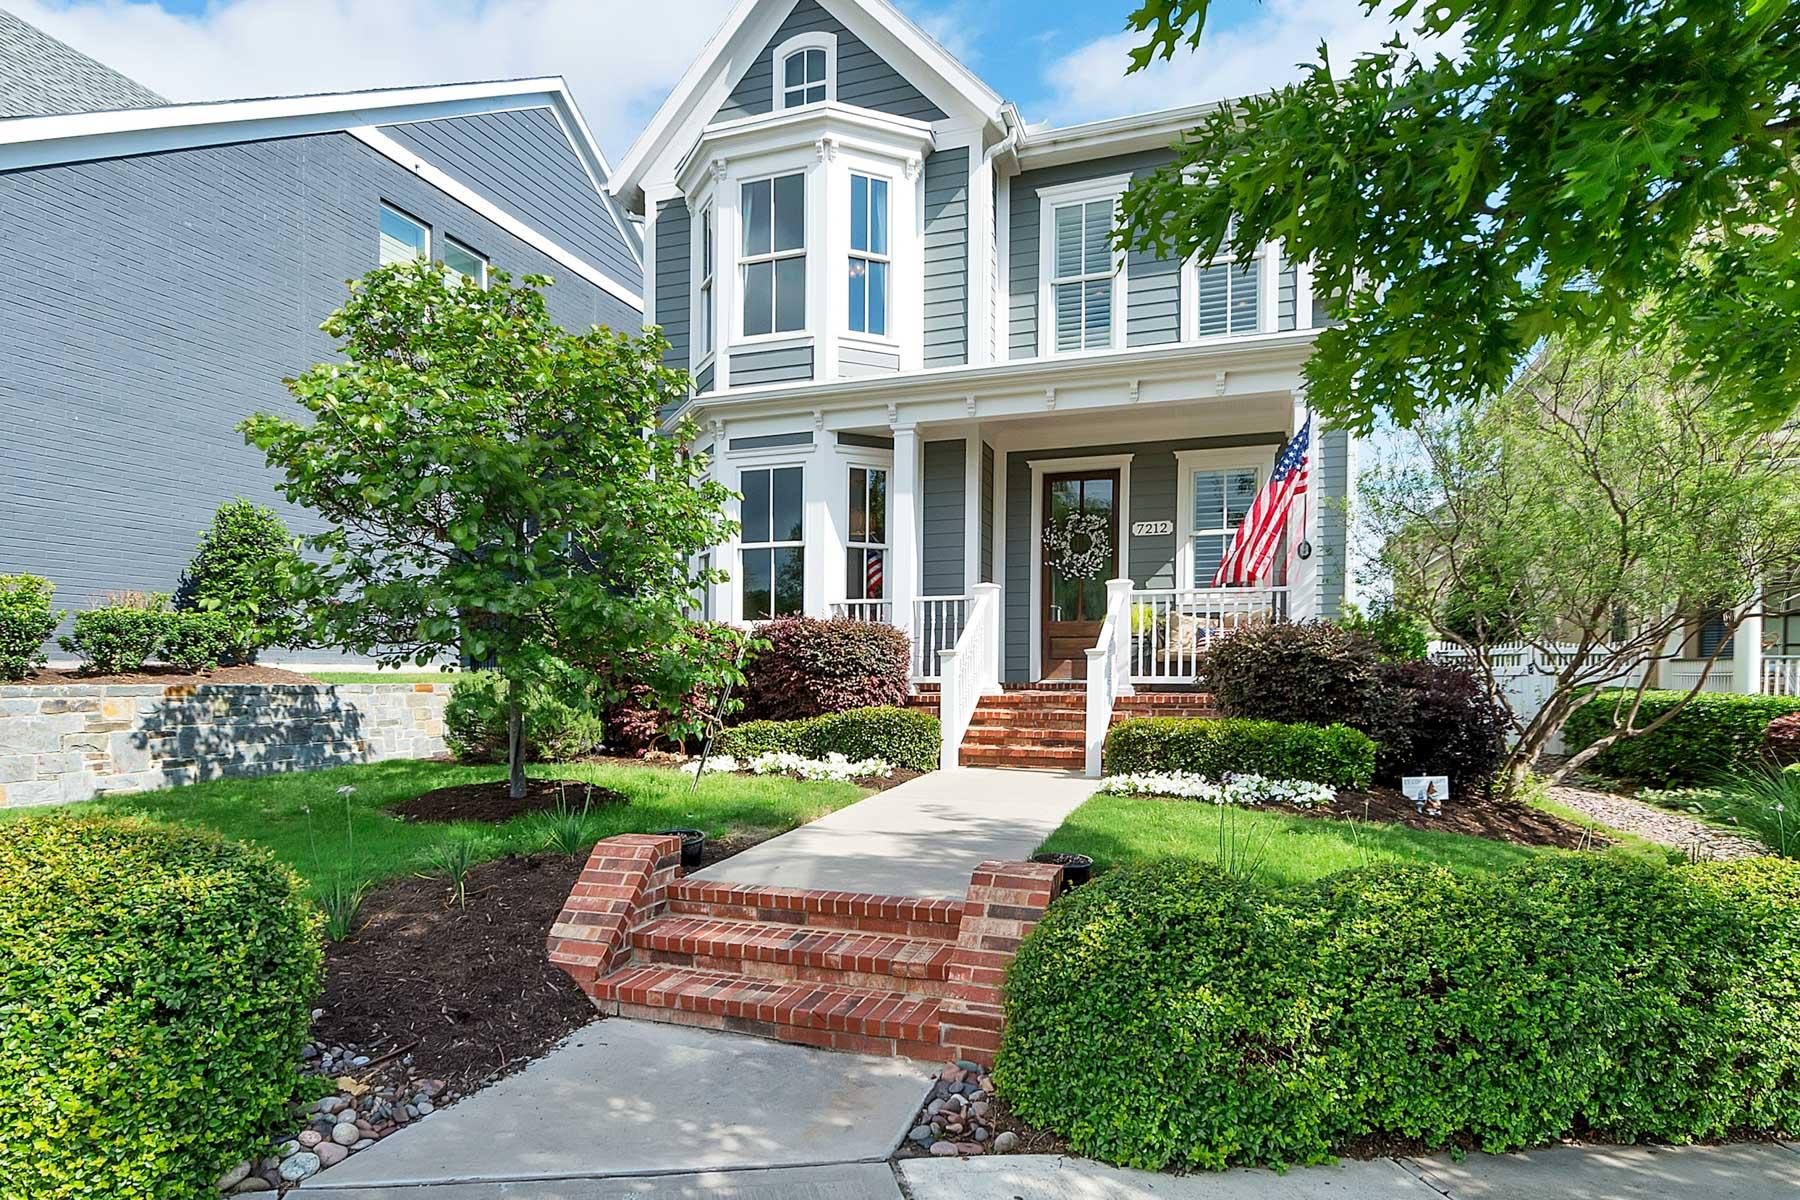 独户住宅 为 销售 在 Tucker Hill 7212 Percy Dr 麦金尼, 得克萨斯州, 75071 美国